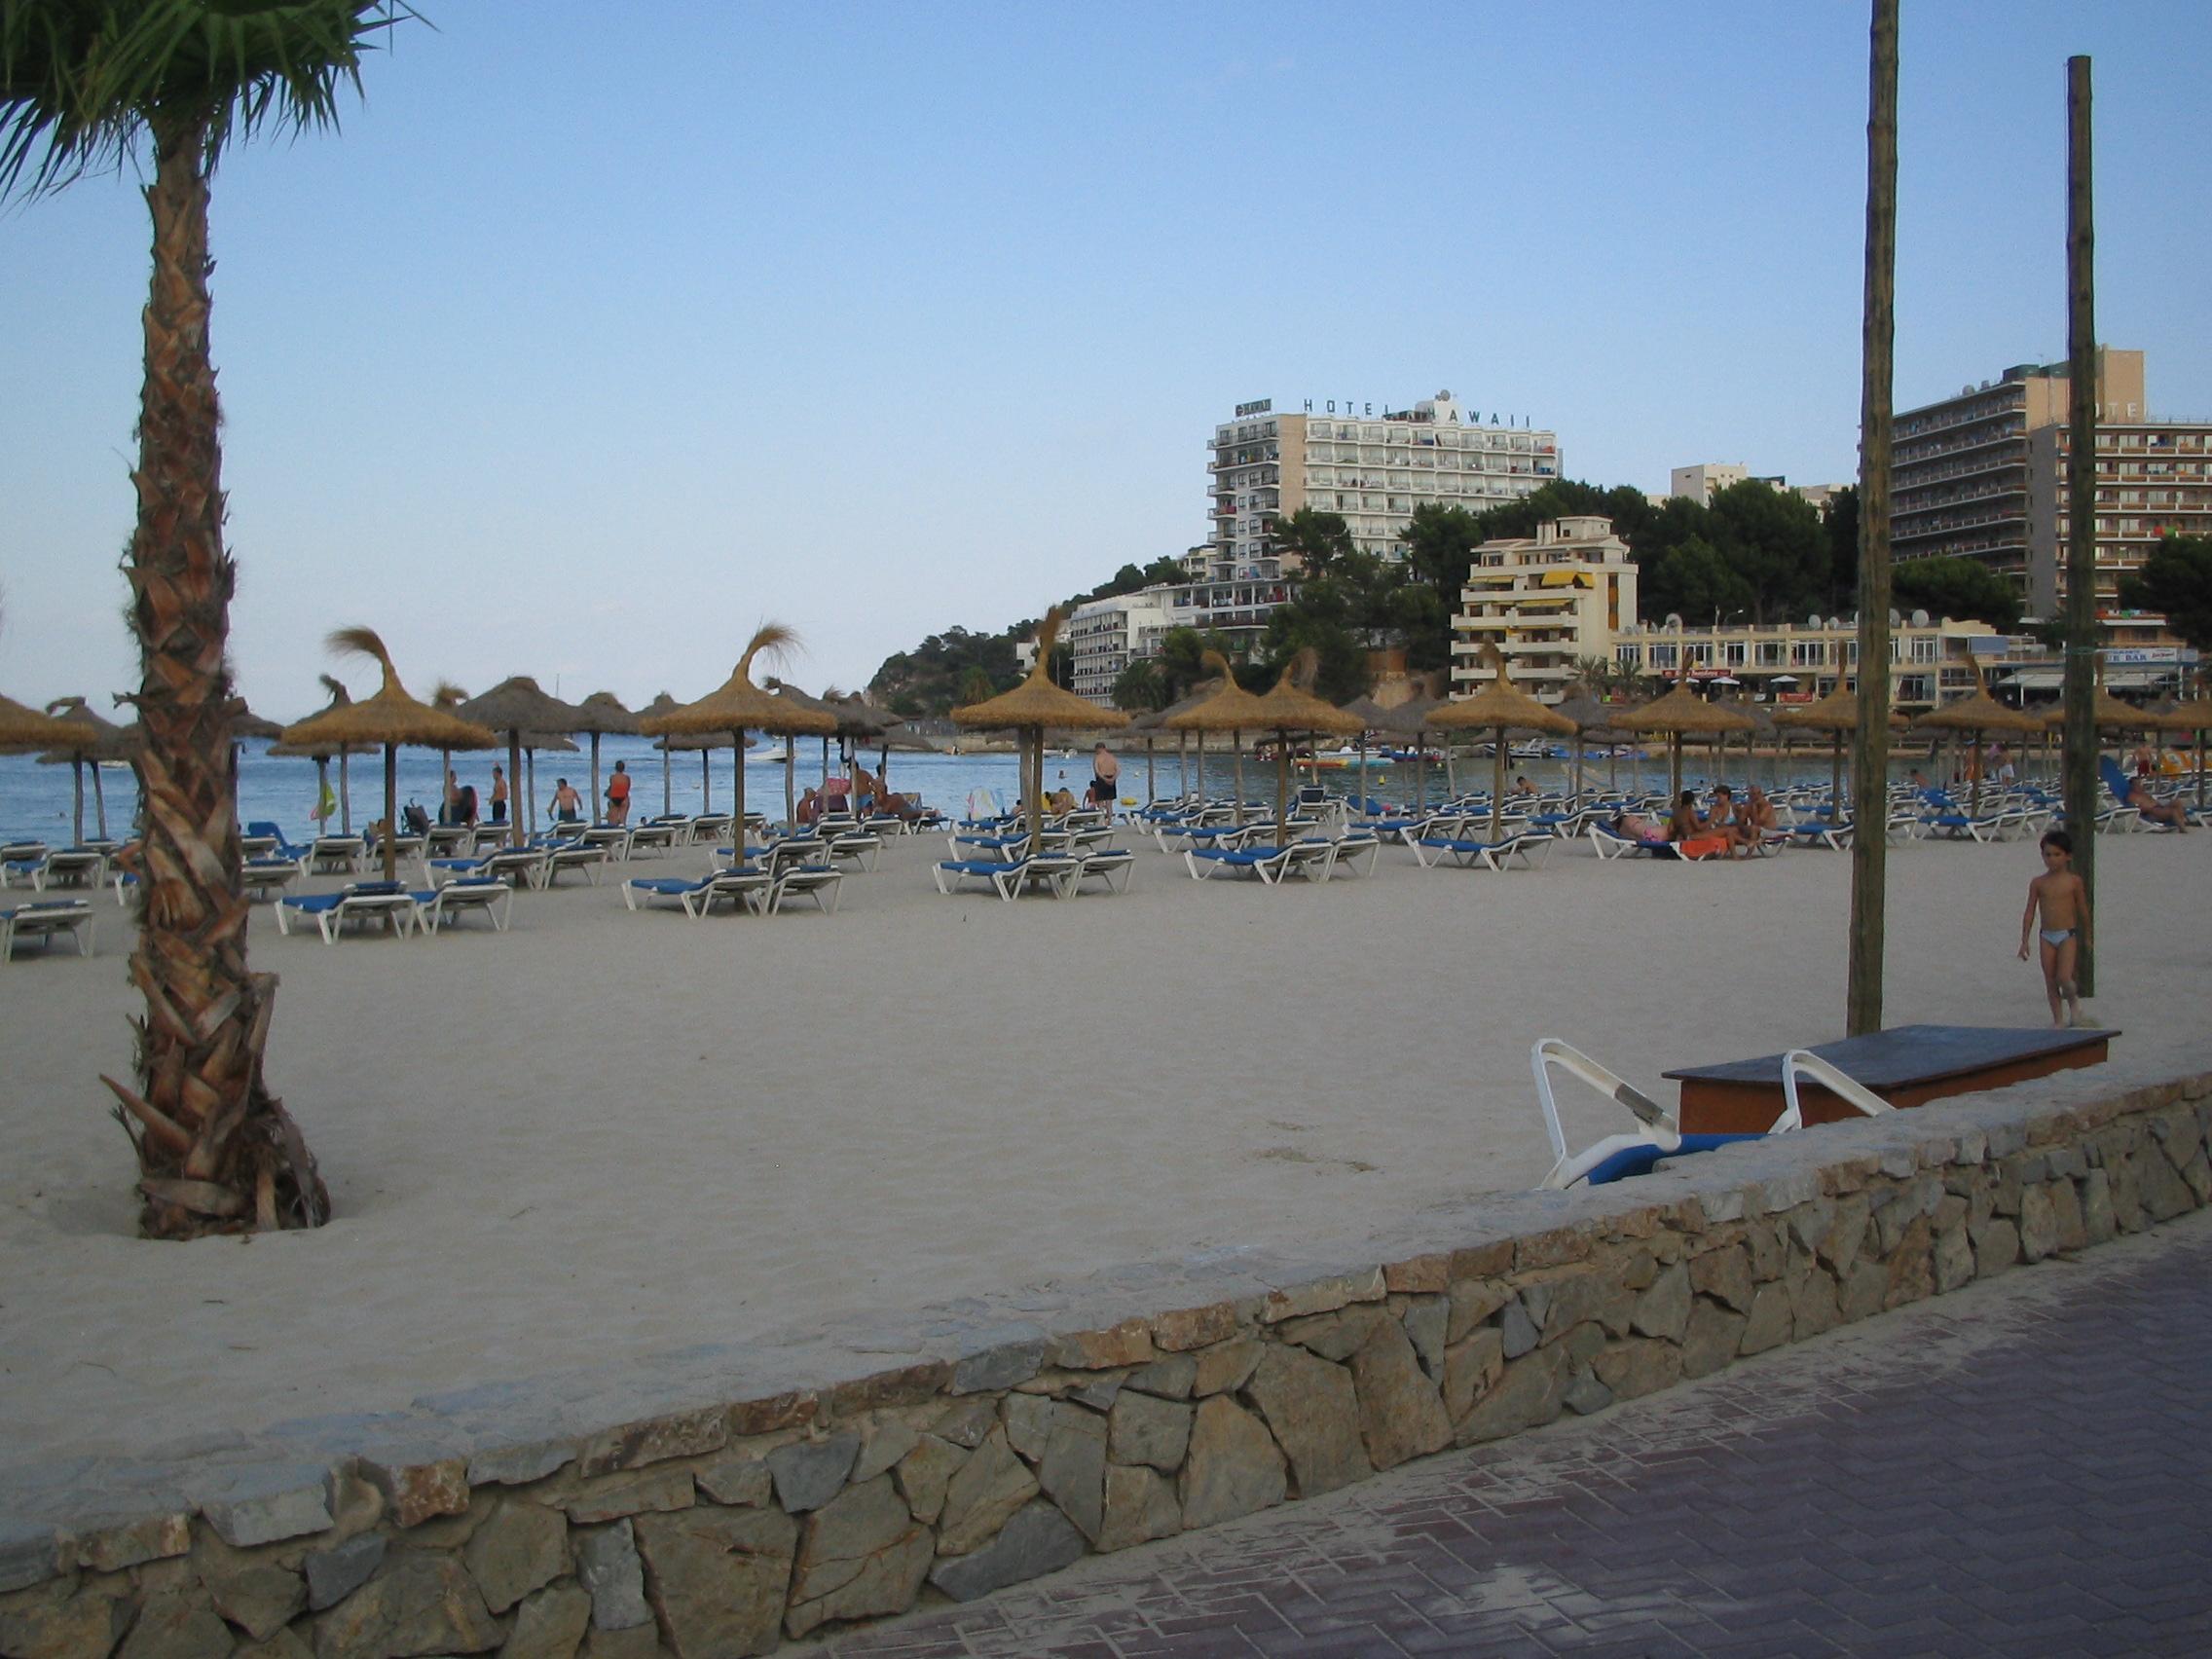 palmanova beach wikipedia